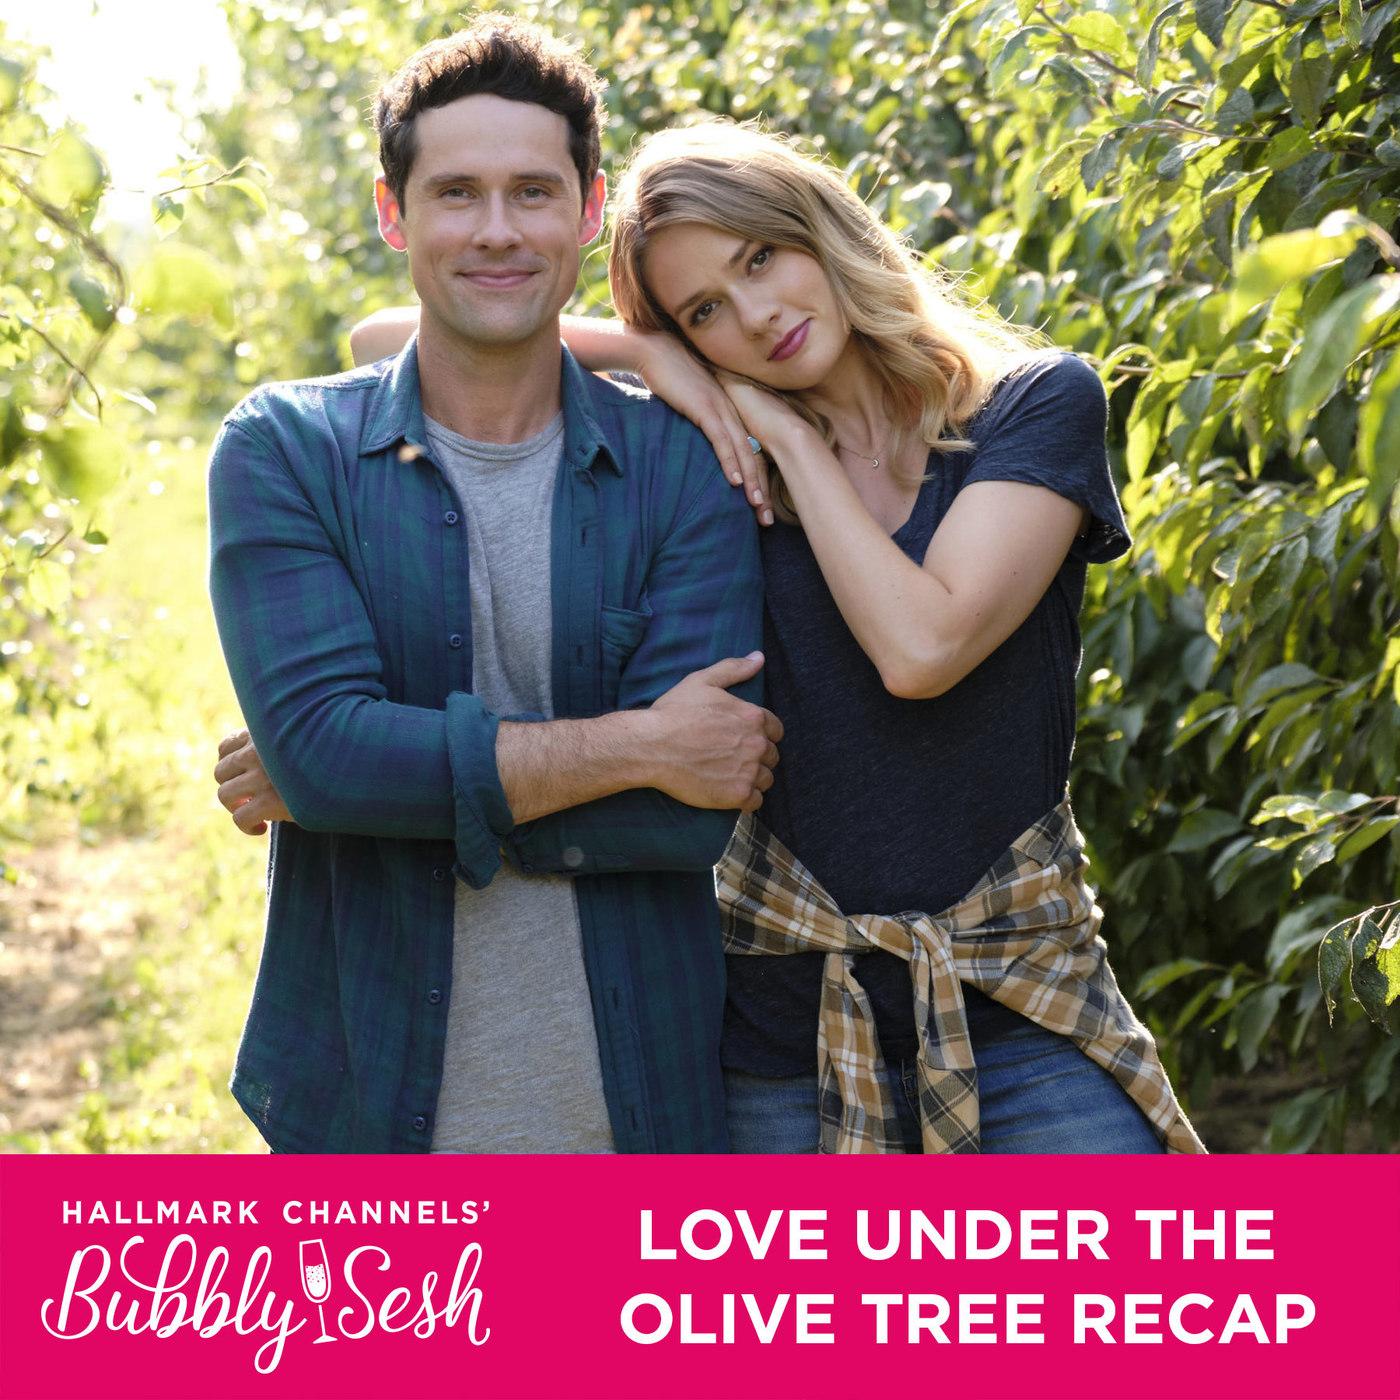 Love Under the Olive Tree Recap